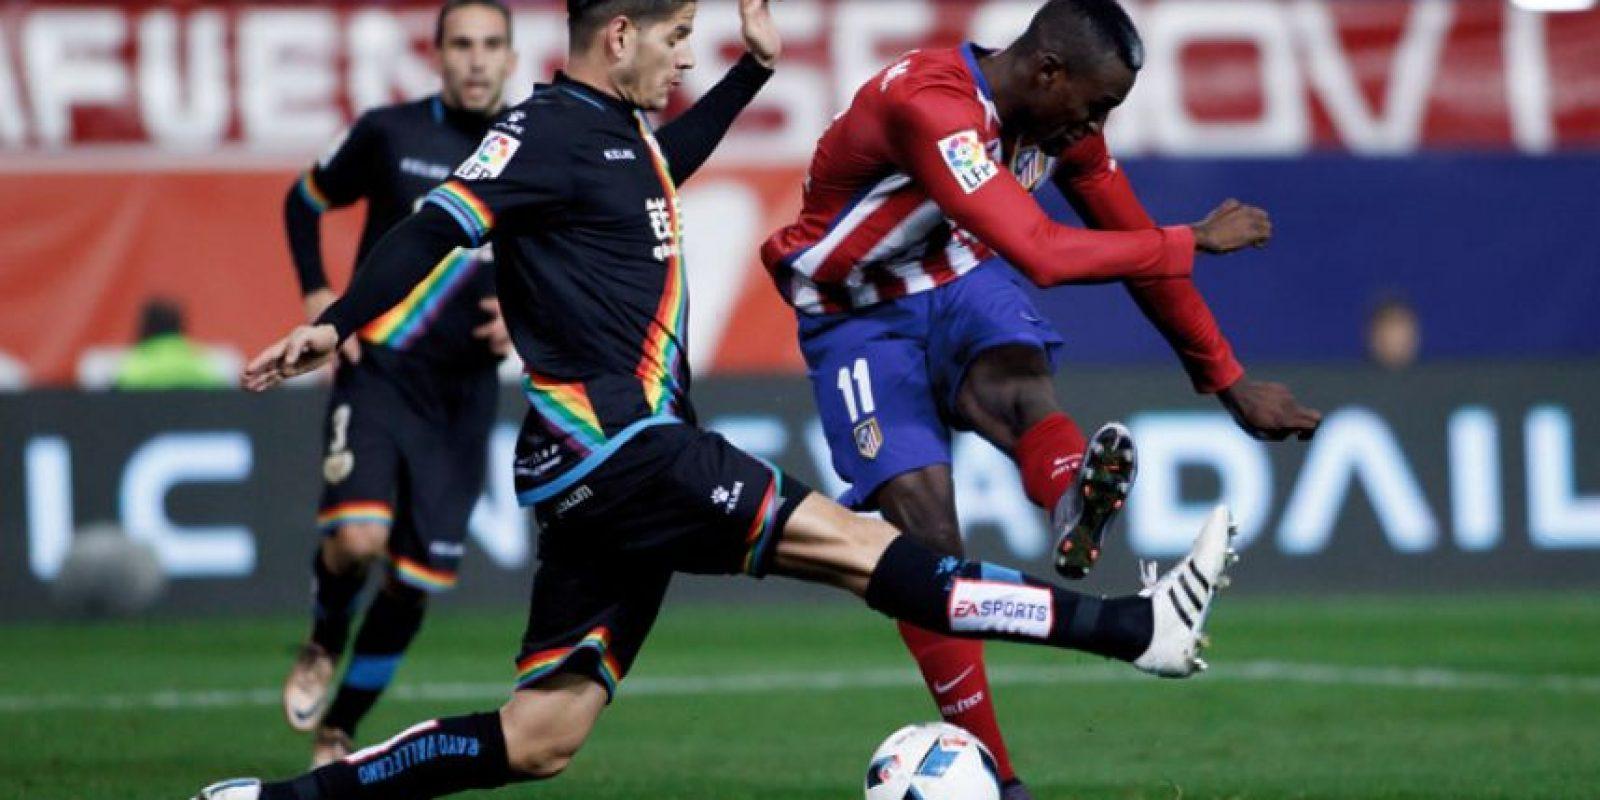 El delantero colombiano realiza un remate. Foto:AFP